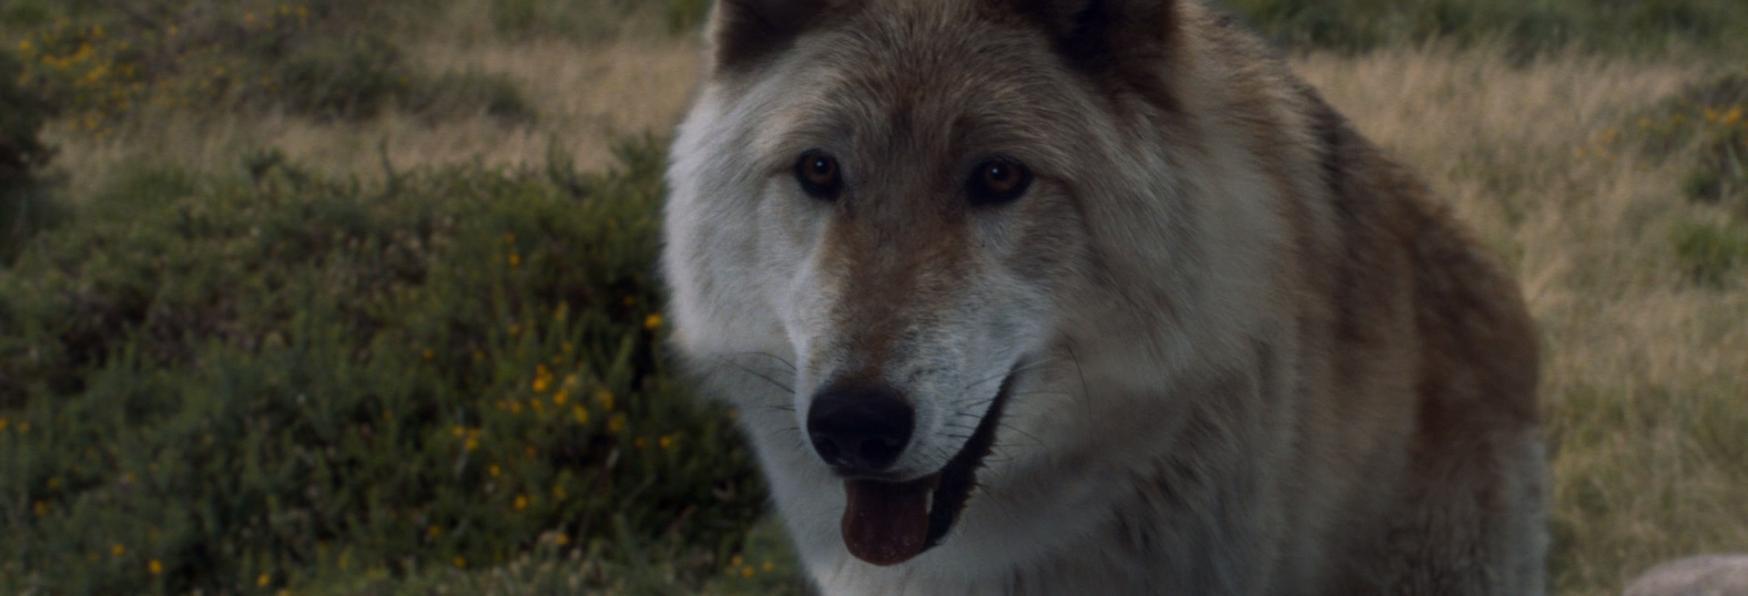 È Morto Odin, il Cane Interprete del Metalupo di Bran nella 1° Stagione di Game of Thrones